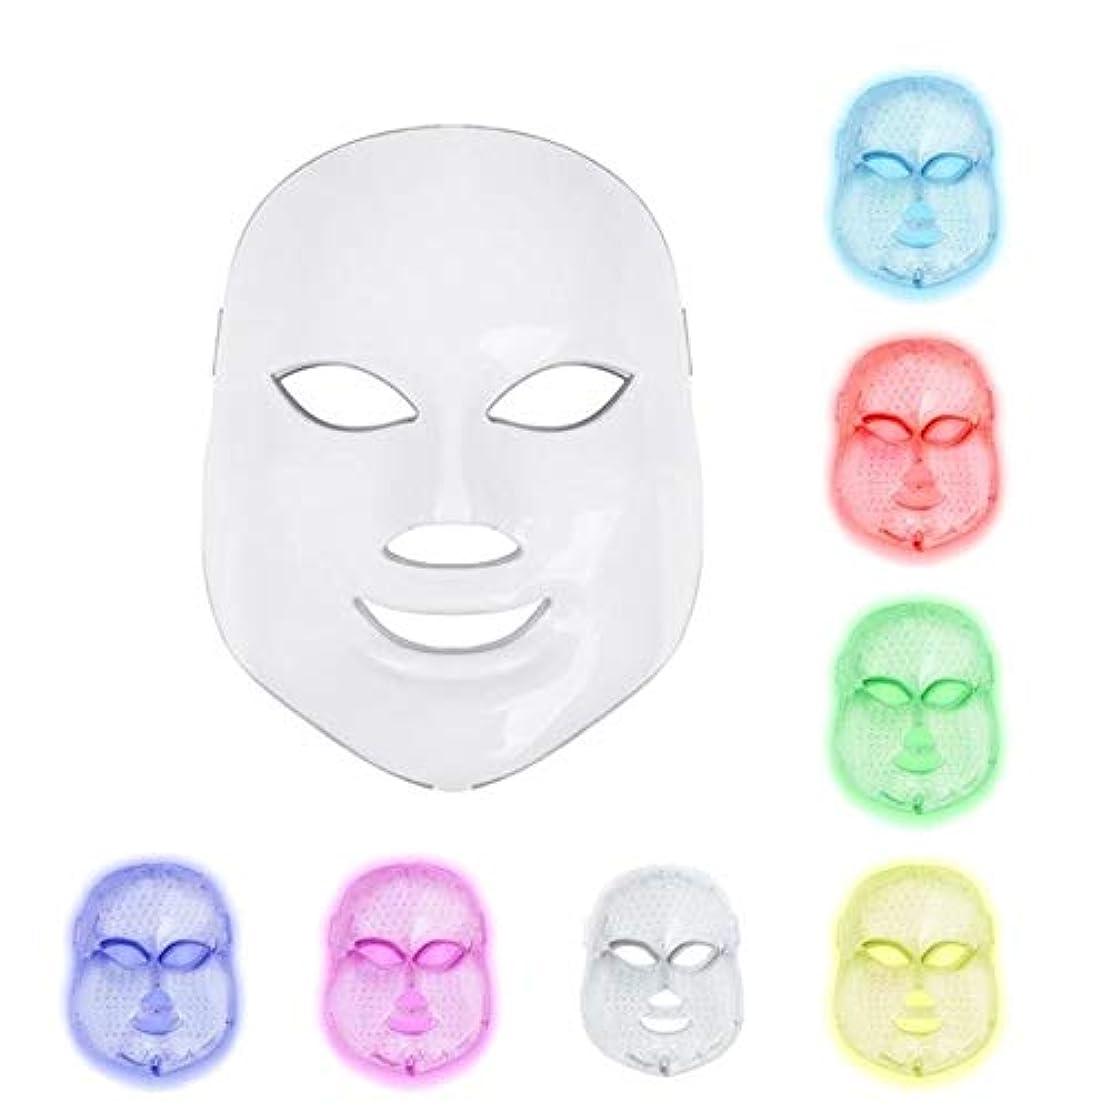 十年動かない強打Led光子療法7色光治療肌の若返りにきびスポットしわホワイトニング美顔術デイリースキンケアマスク